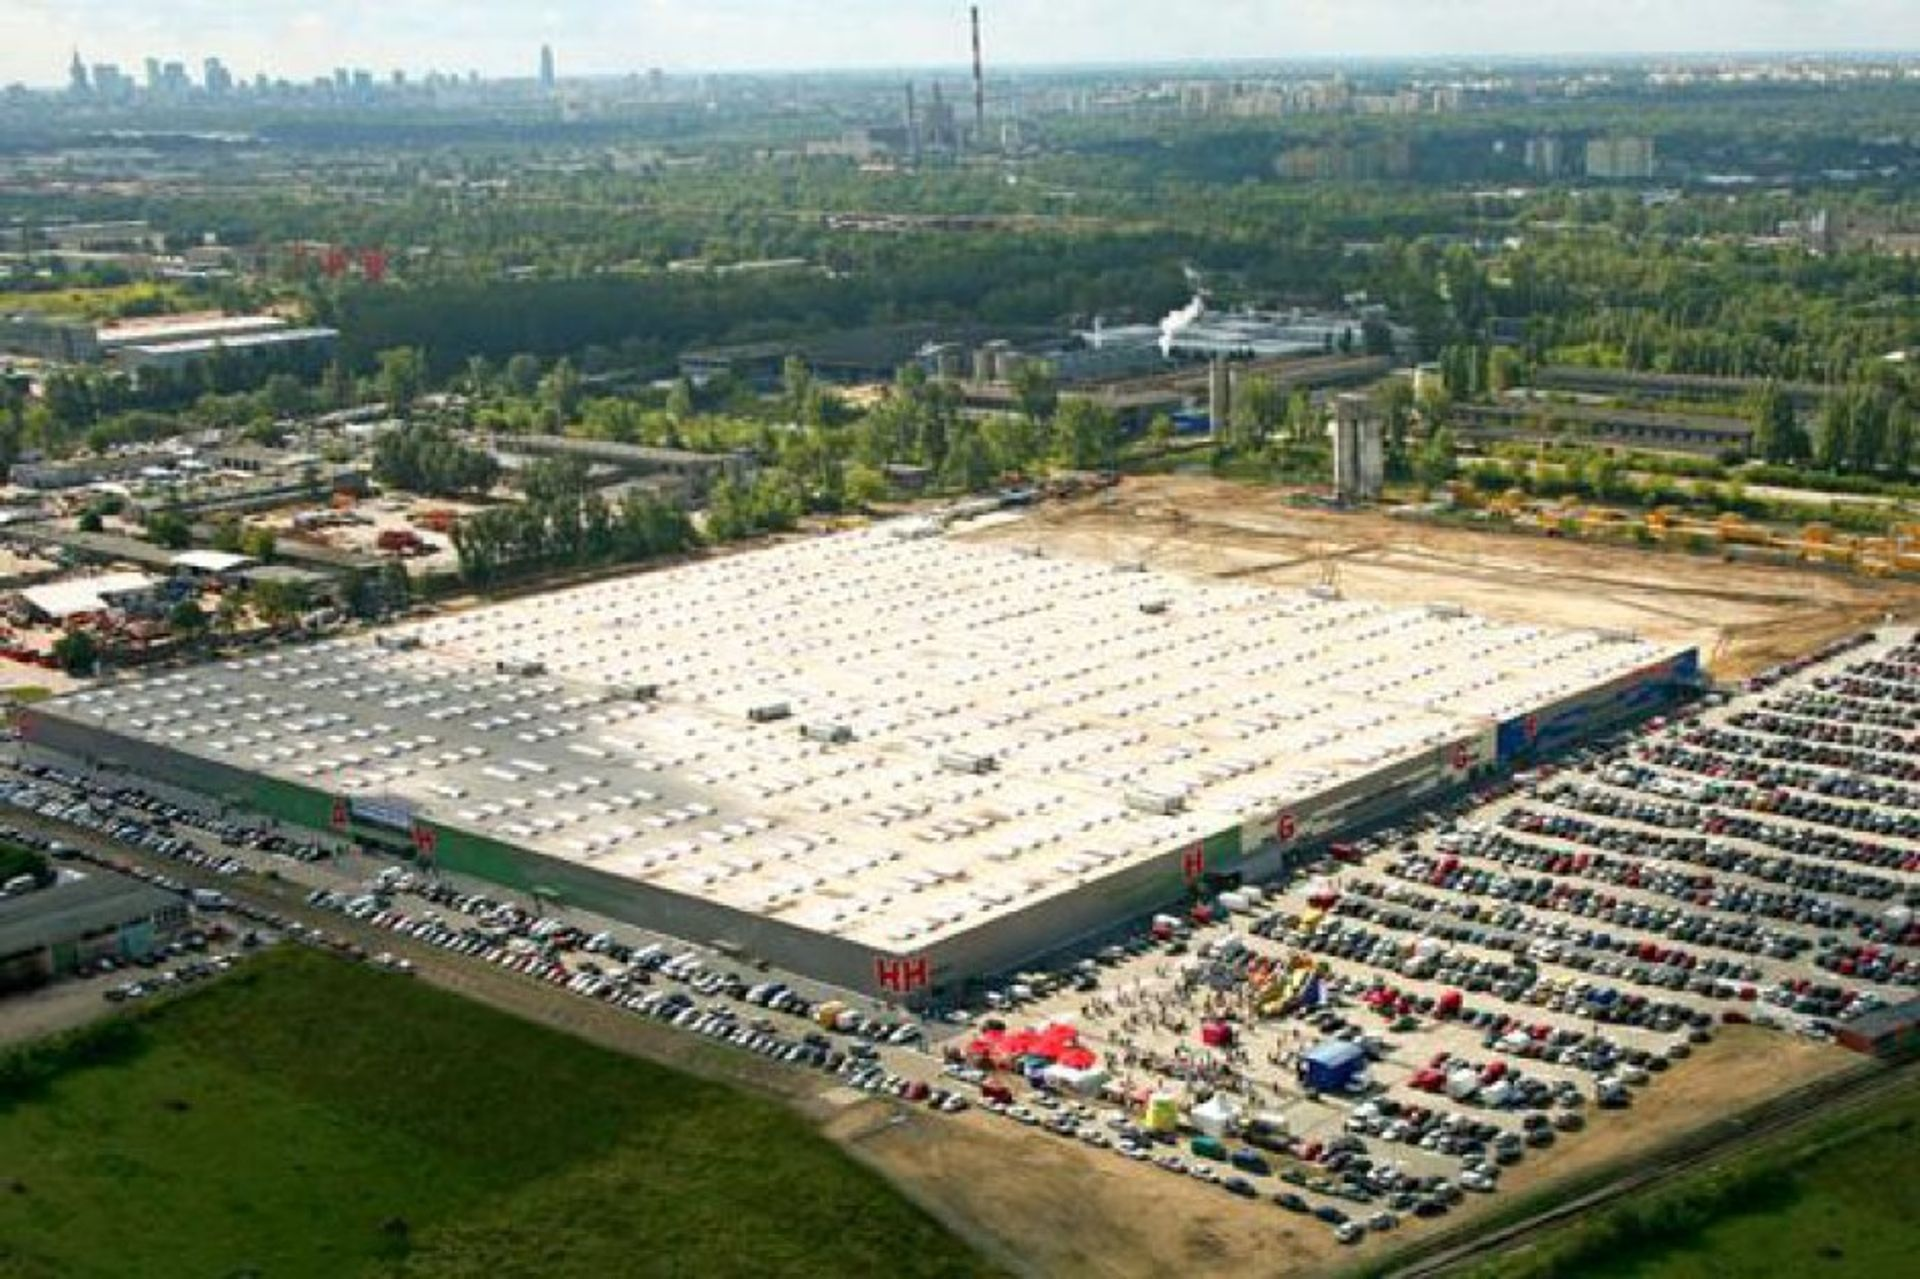 [Warszawa] Otwarcie salonu wyposażenia wnętrz w Wodnym Parku Handlowym Marywilska 44 już w sobotę